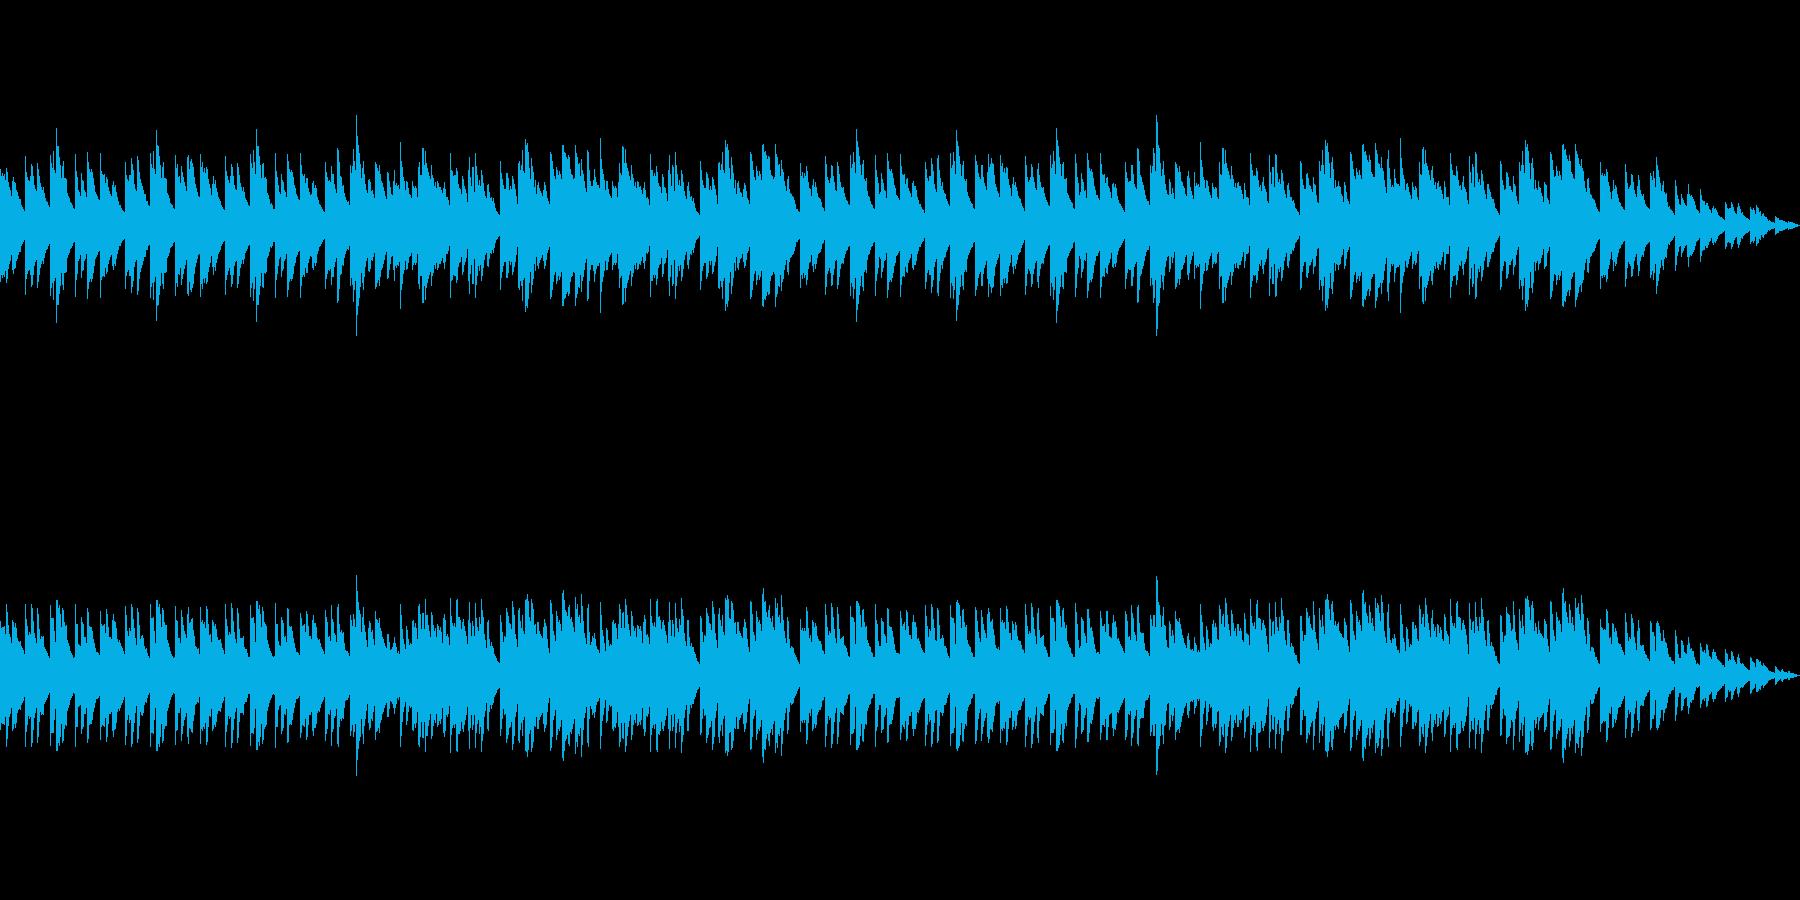 ノスタルジックな雰囲気を持つオルゴールの再生済みの波形